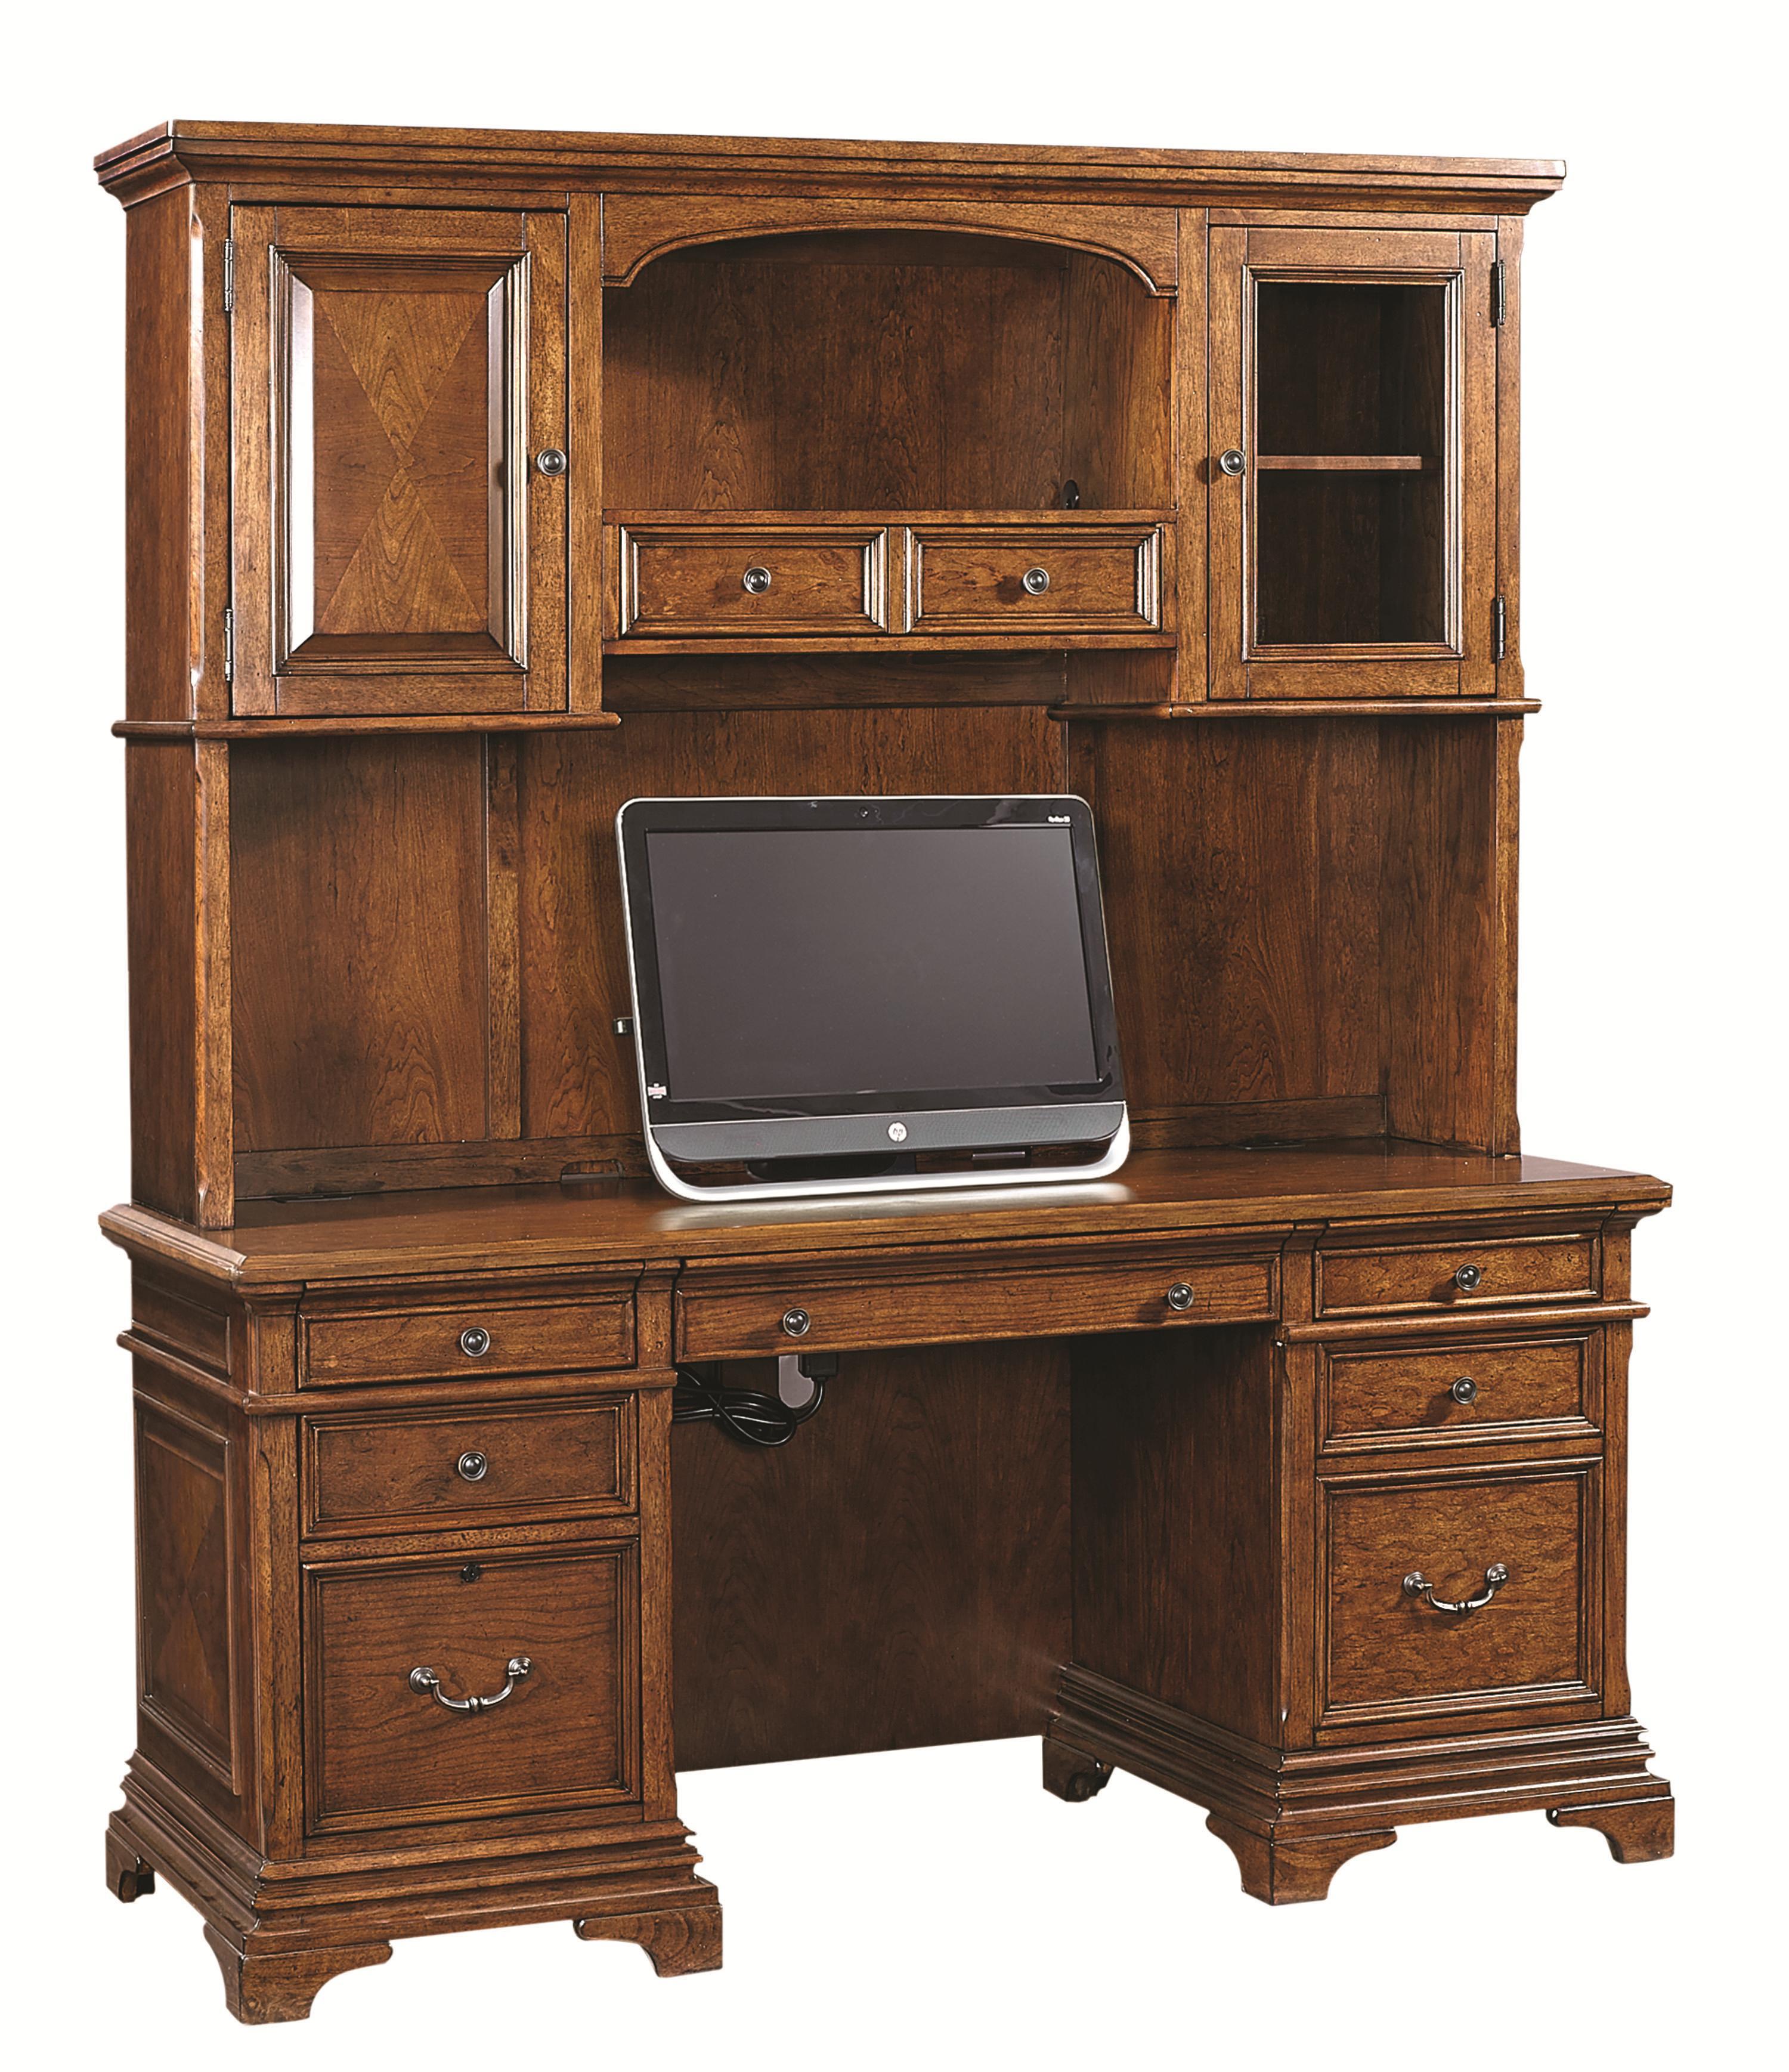 74-Inch Credenza Desk and Hutch